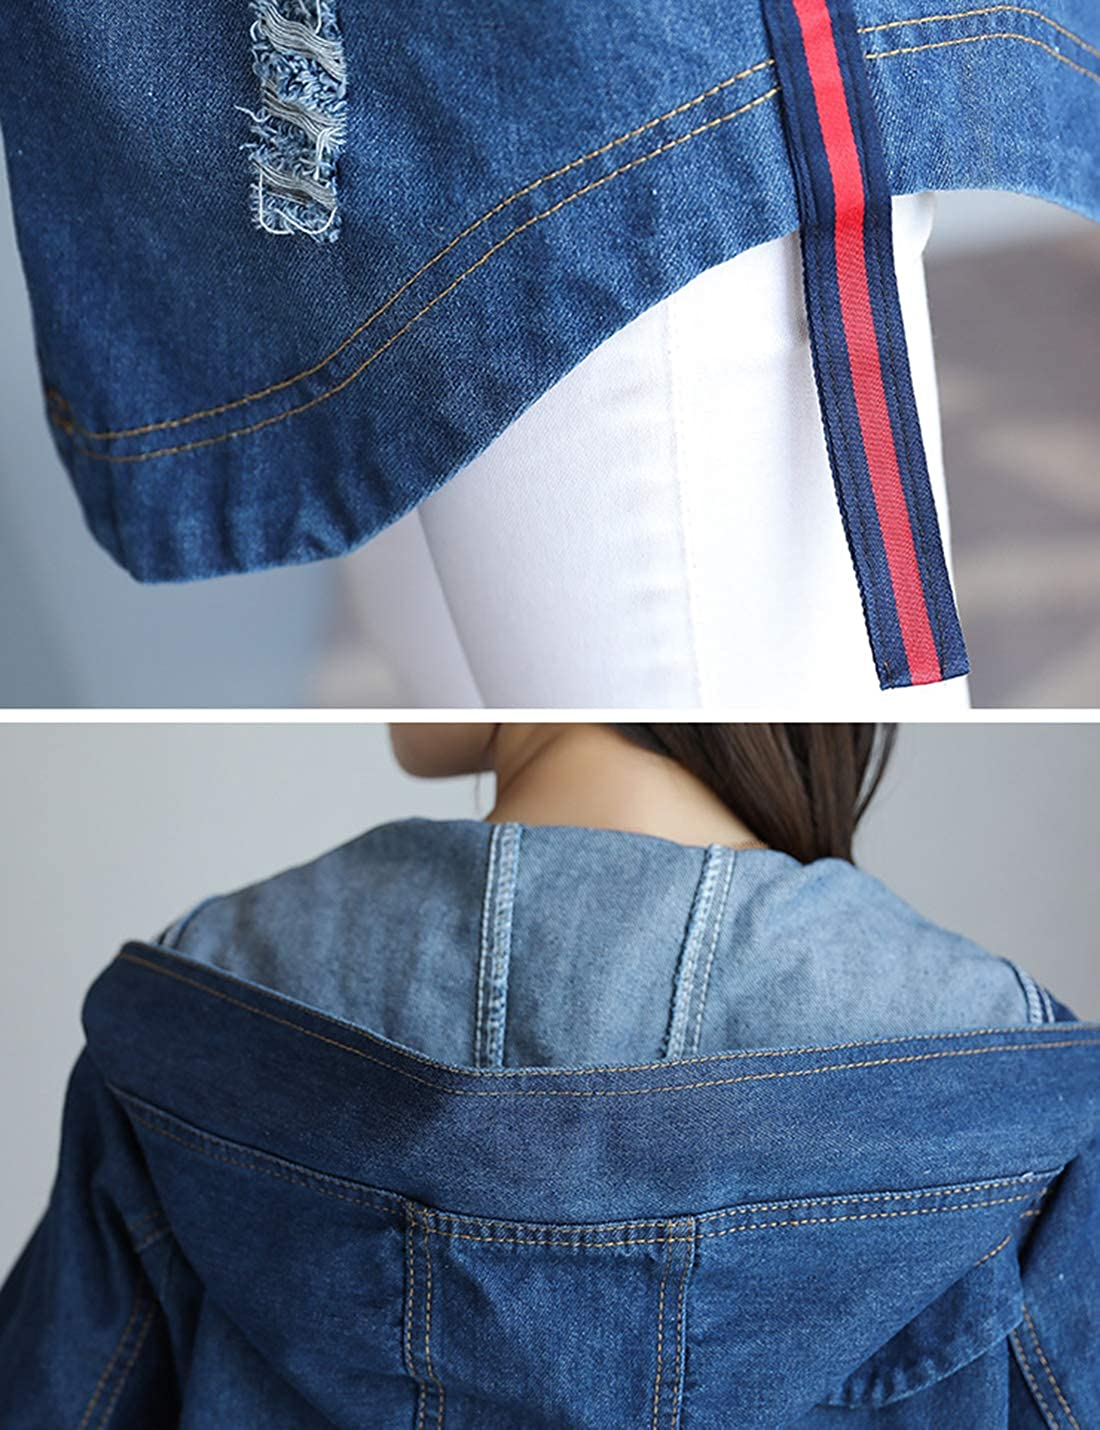 Springrain Women's Long Sleeve Zip Hooded Denim Jacket Windbreaker with Pockets